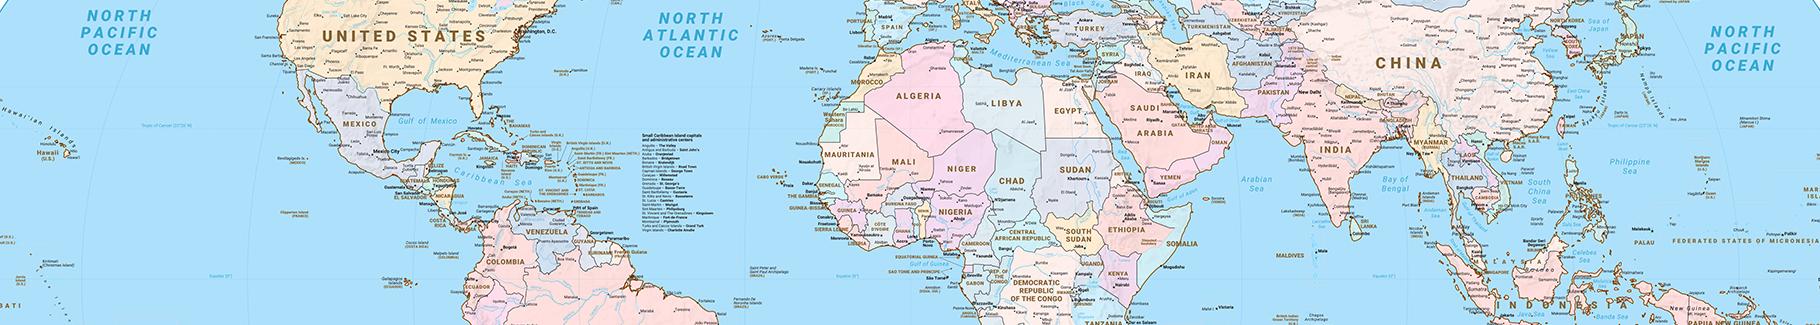 Naklejka mapa polityczna świata